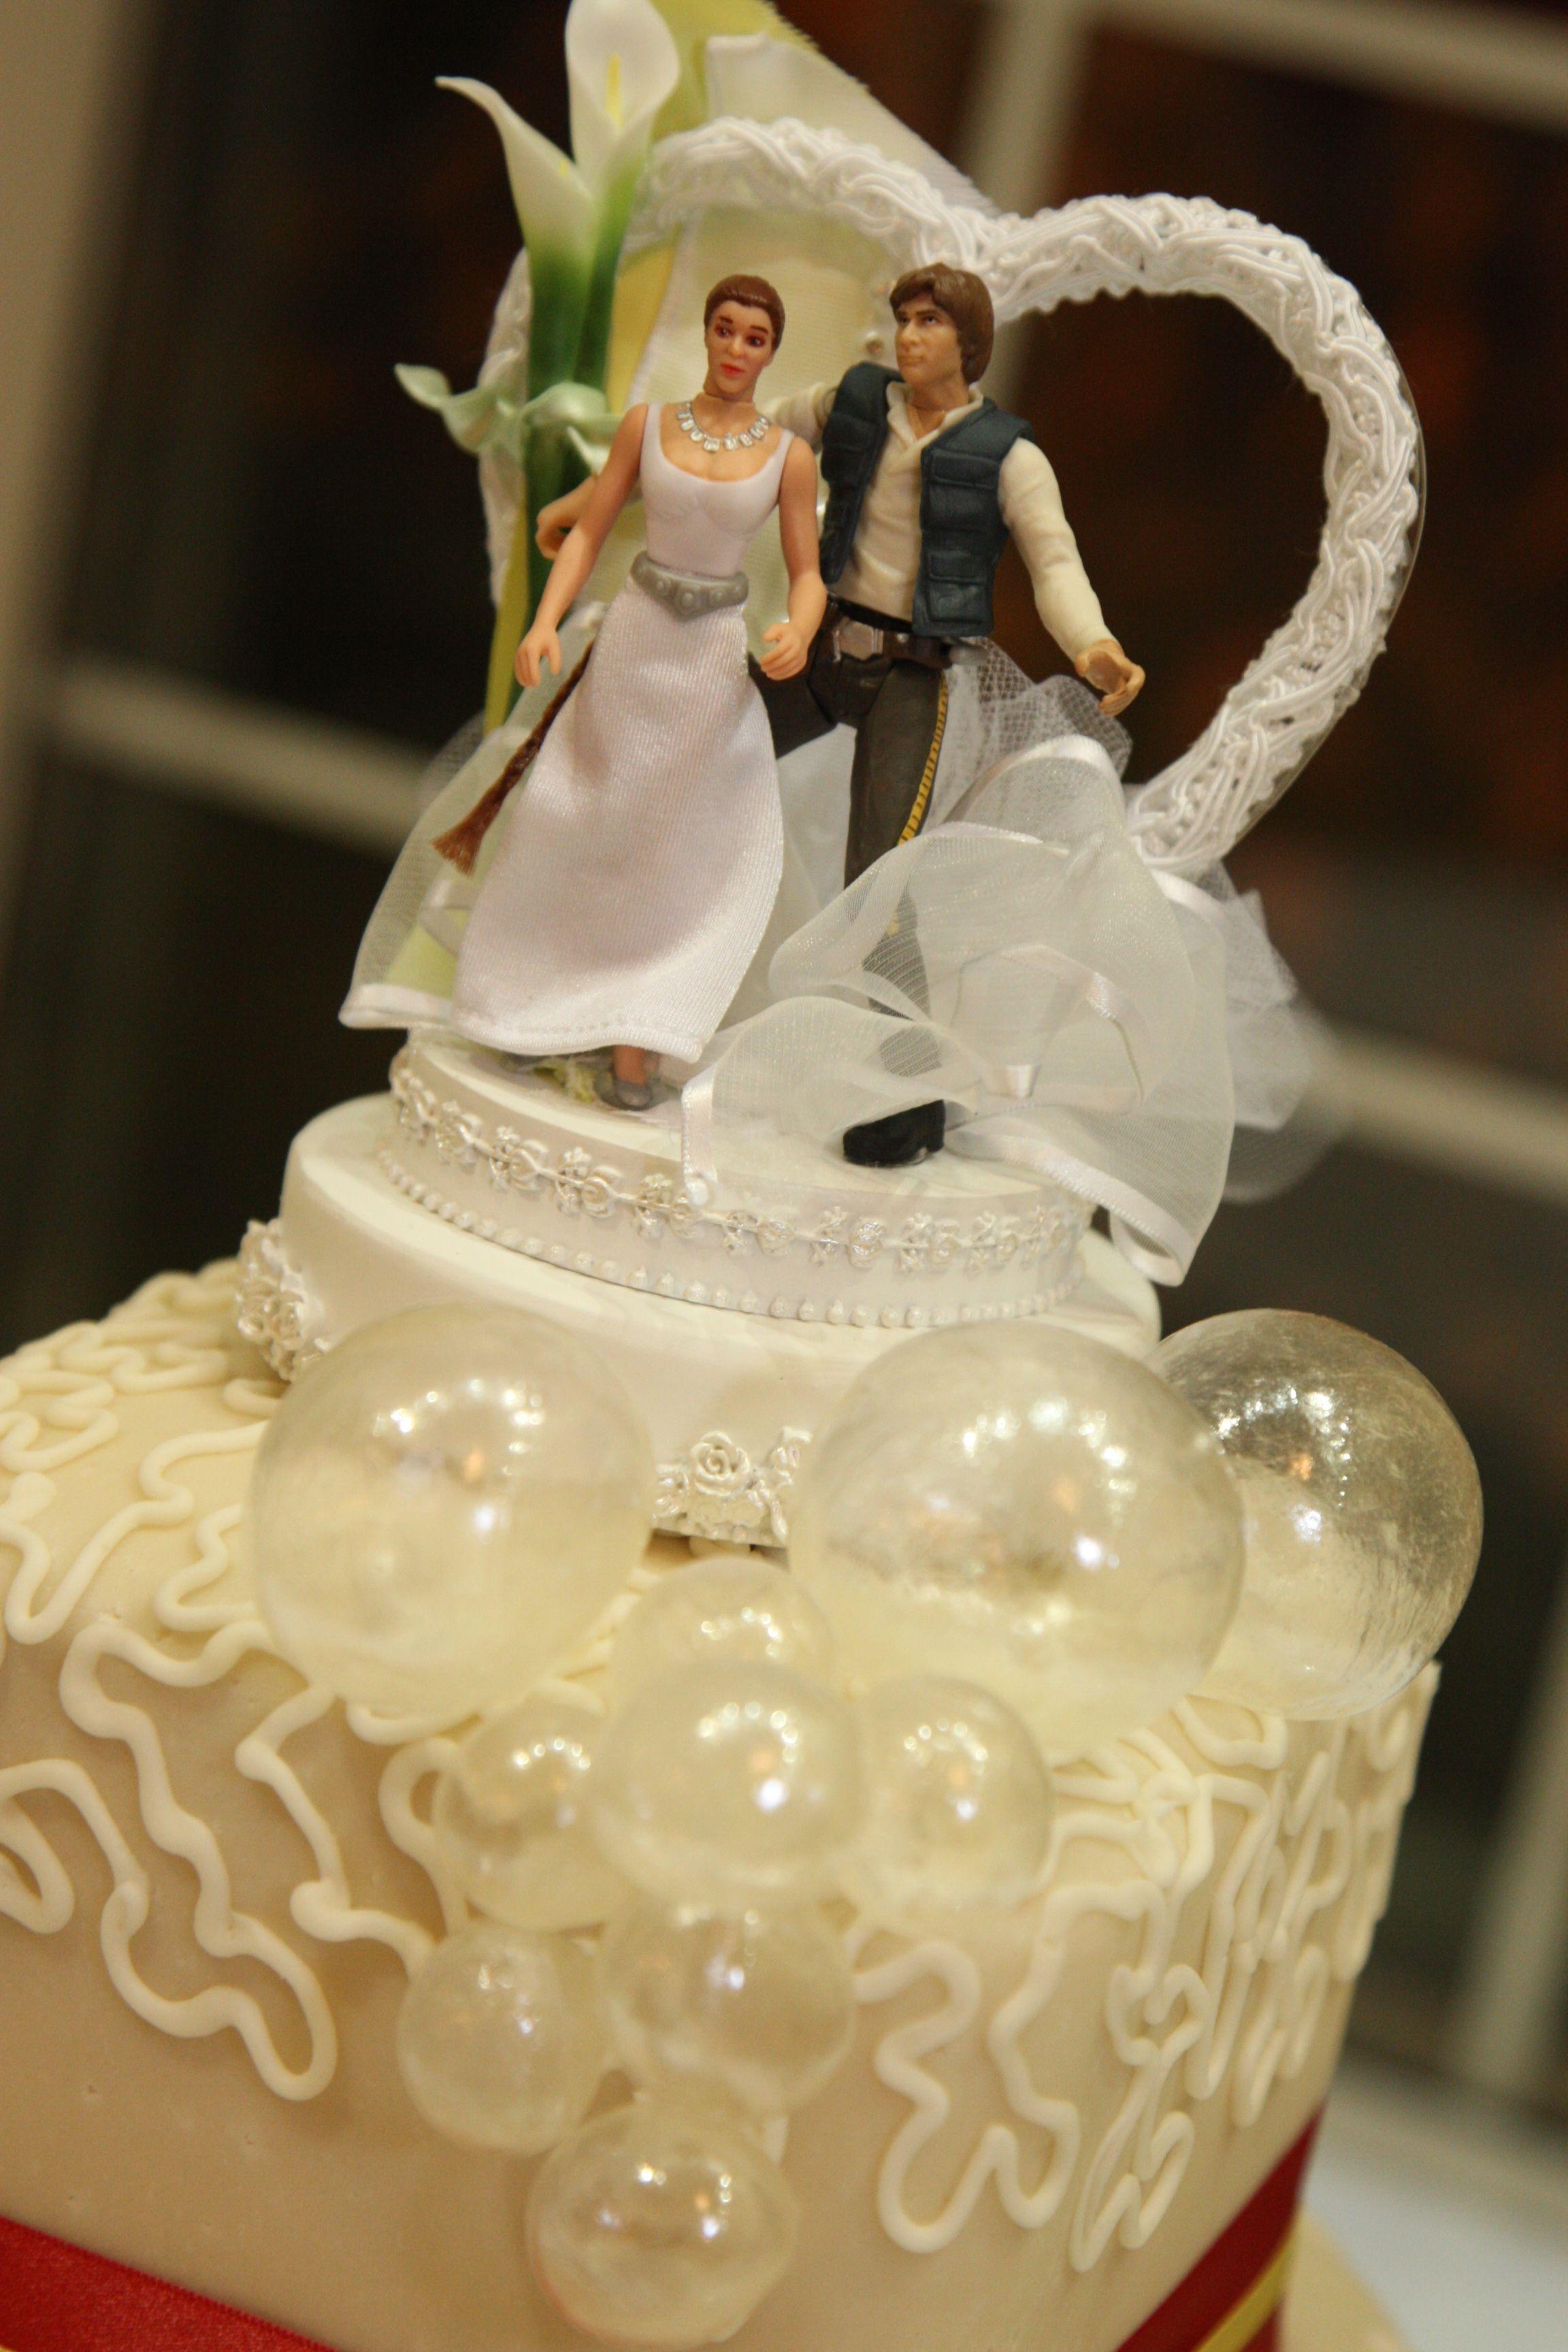 Star Wars themed wedding cake | Nerd Love | Pinterest | Themed ...